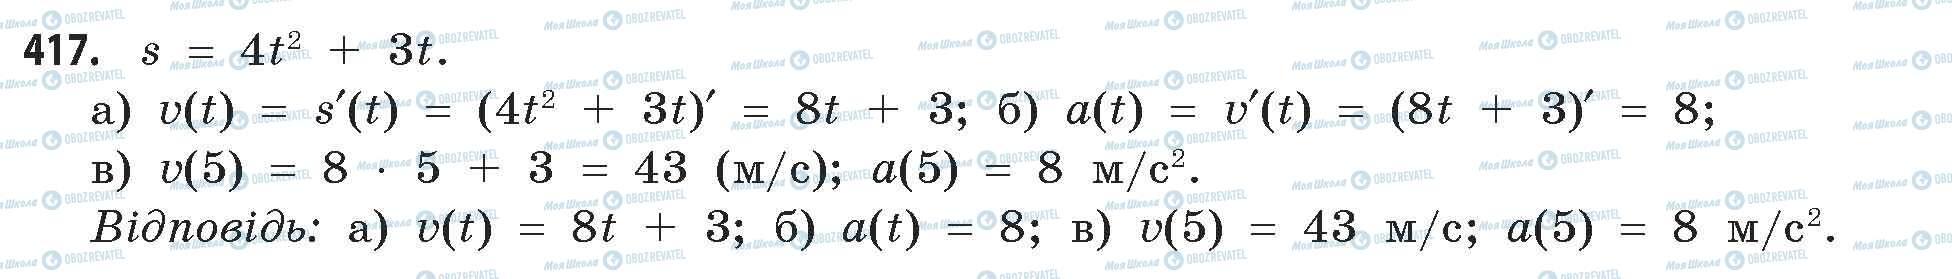 ГДЗ Математика 11 класс страница 417